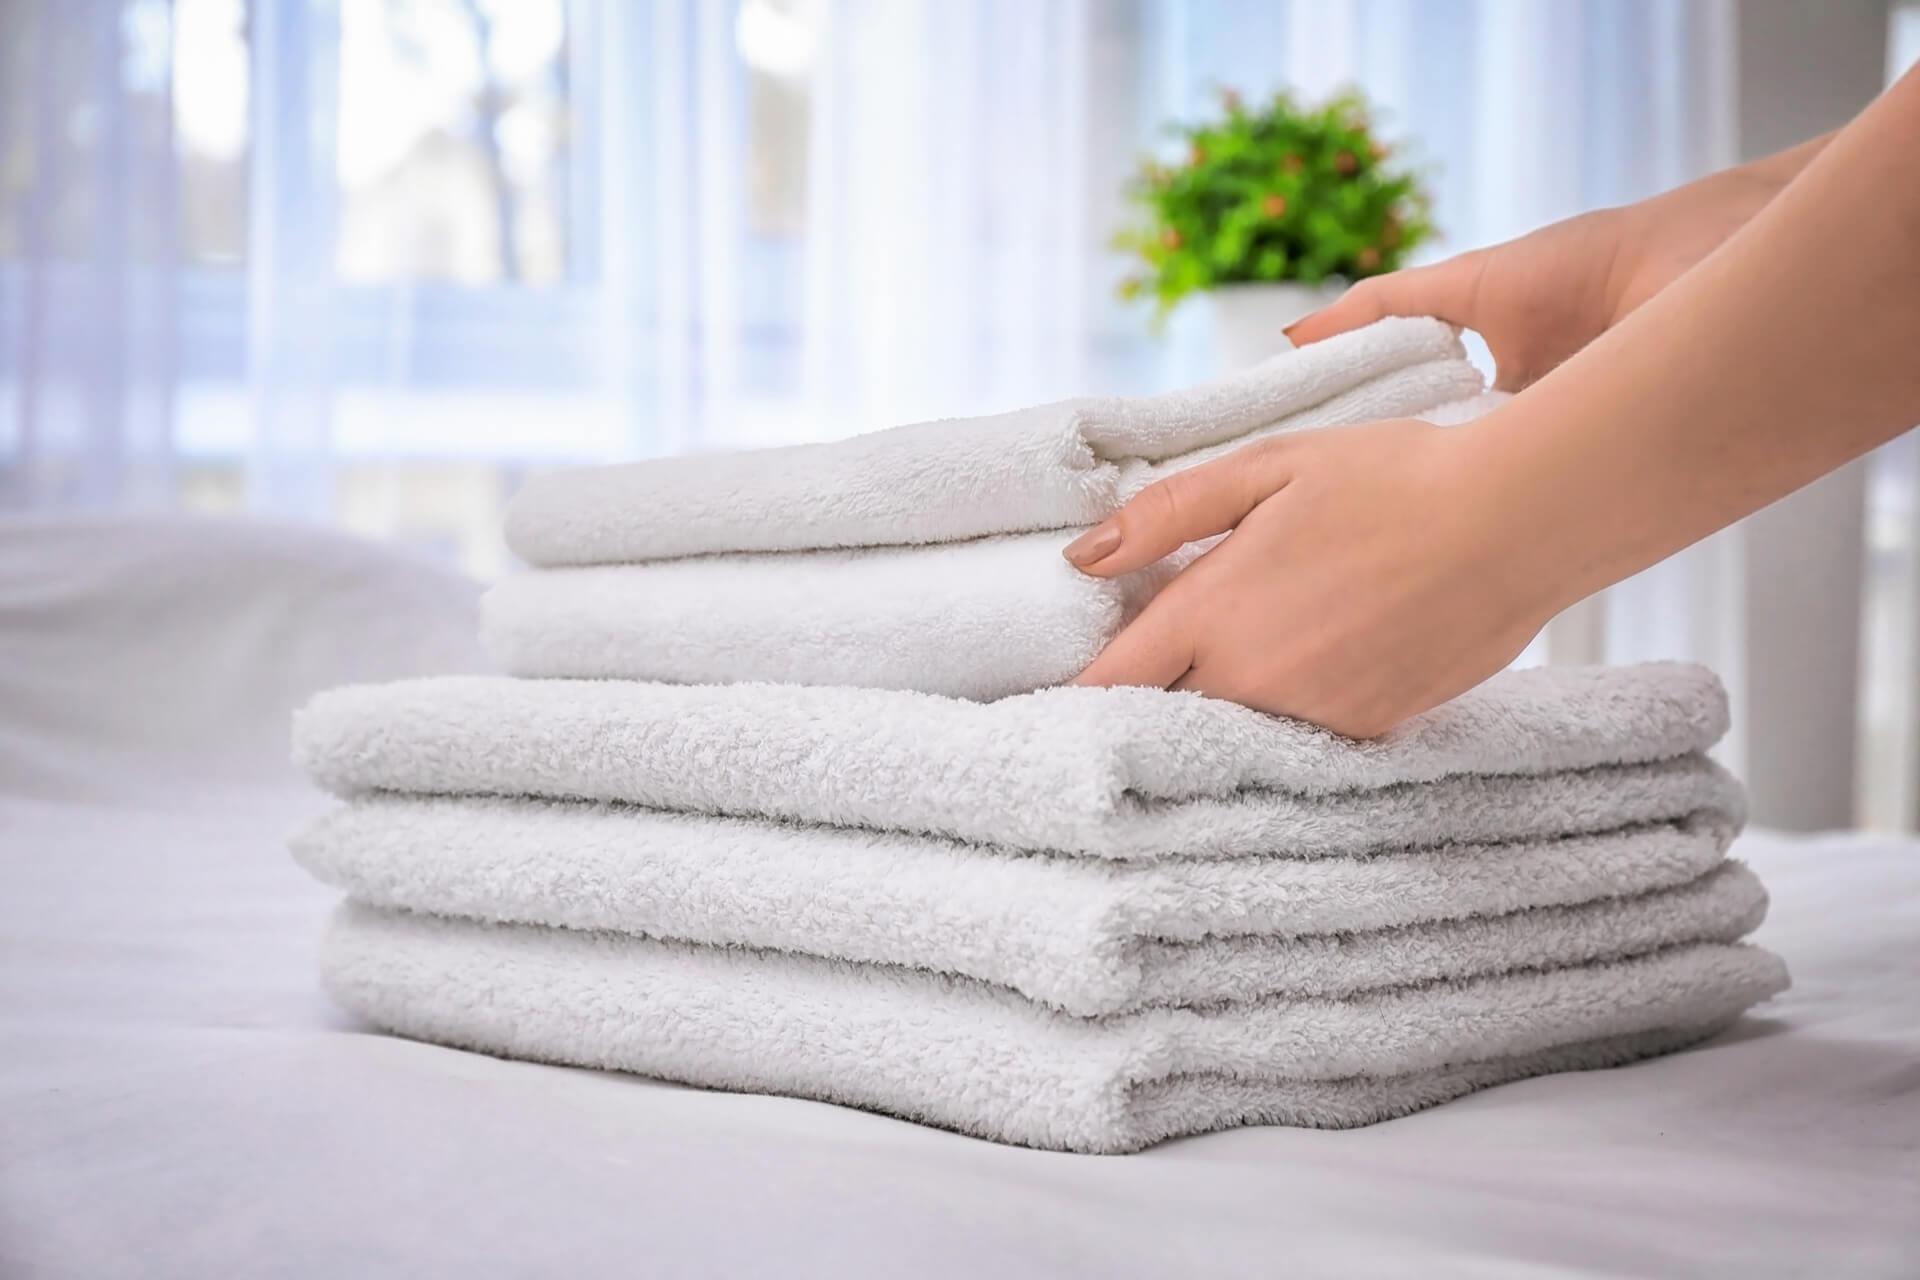 biancheria-e-asciugamani-per-strutture-ricettive-innamorati-santa-maria-degli-angeli-foligno